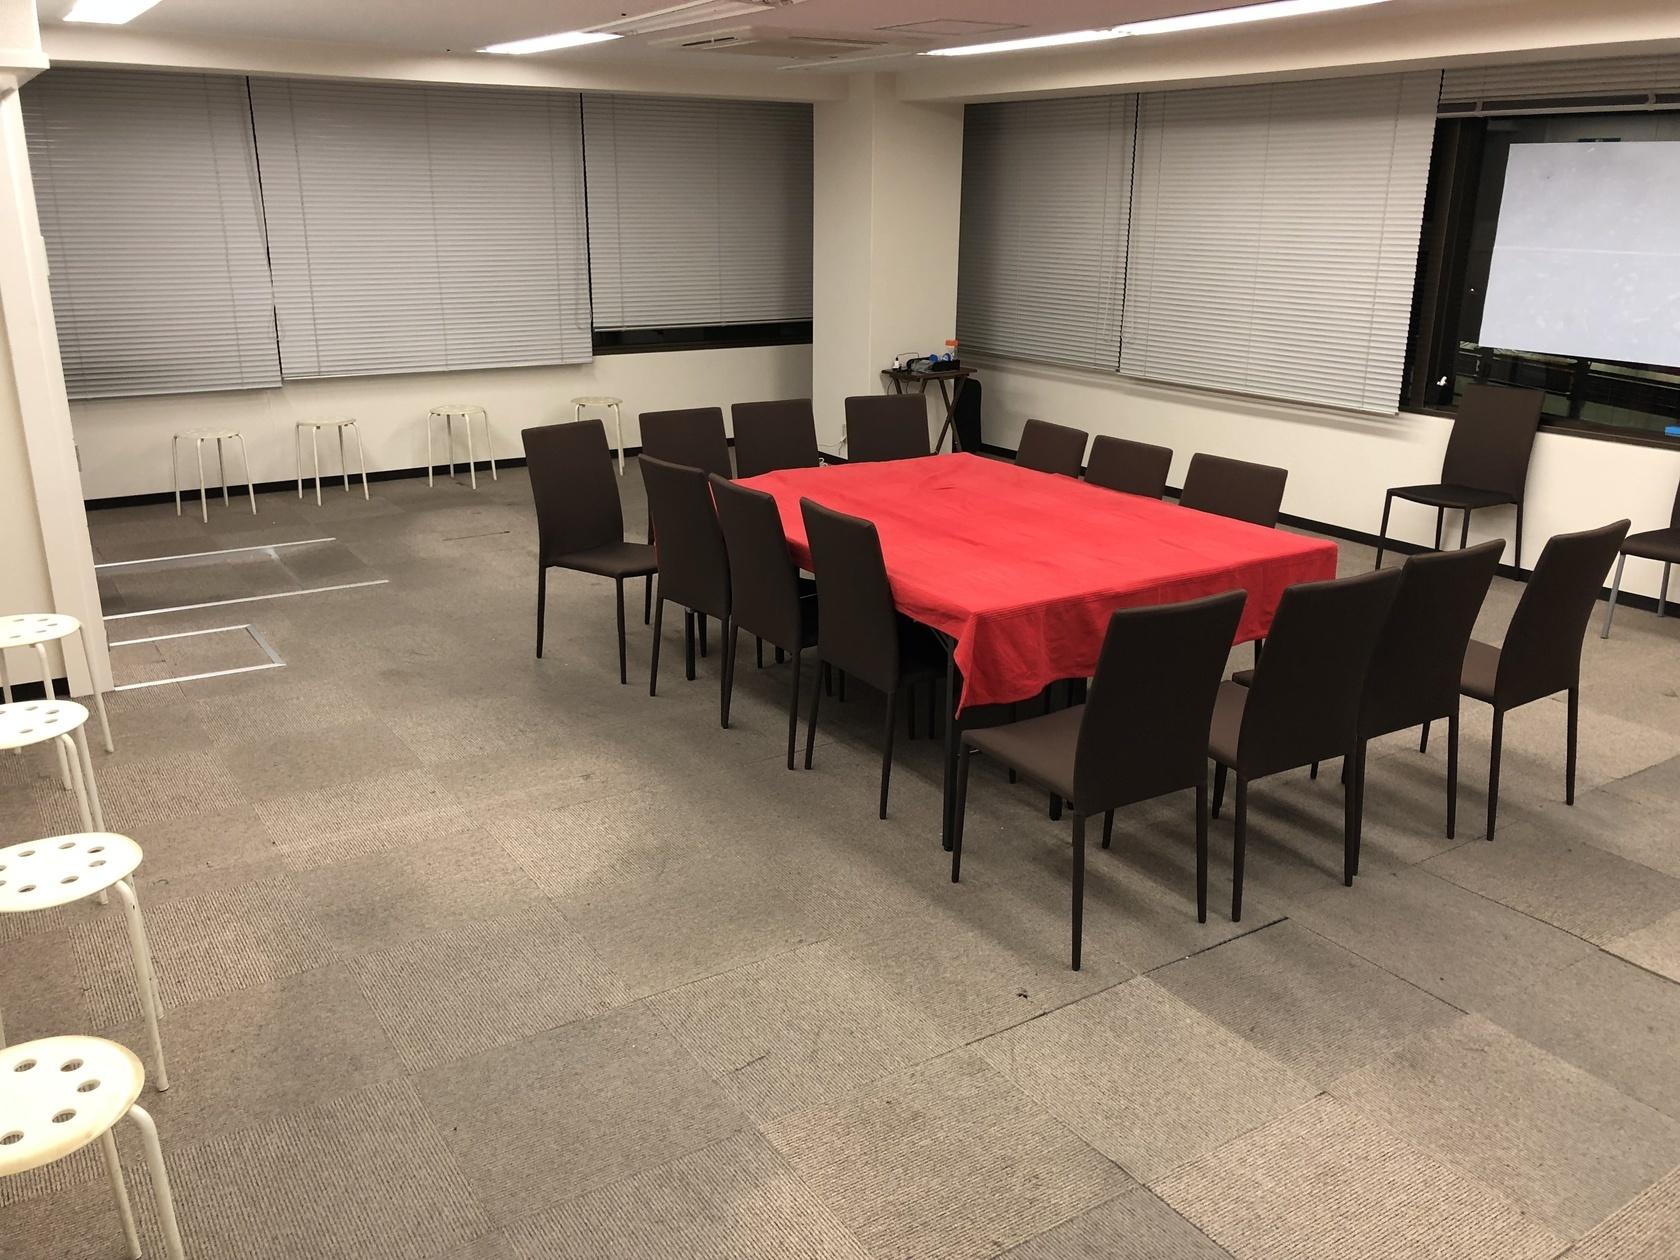 渋谷5階TNスペース(渋谷TN5階スペース) の写真0